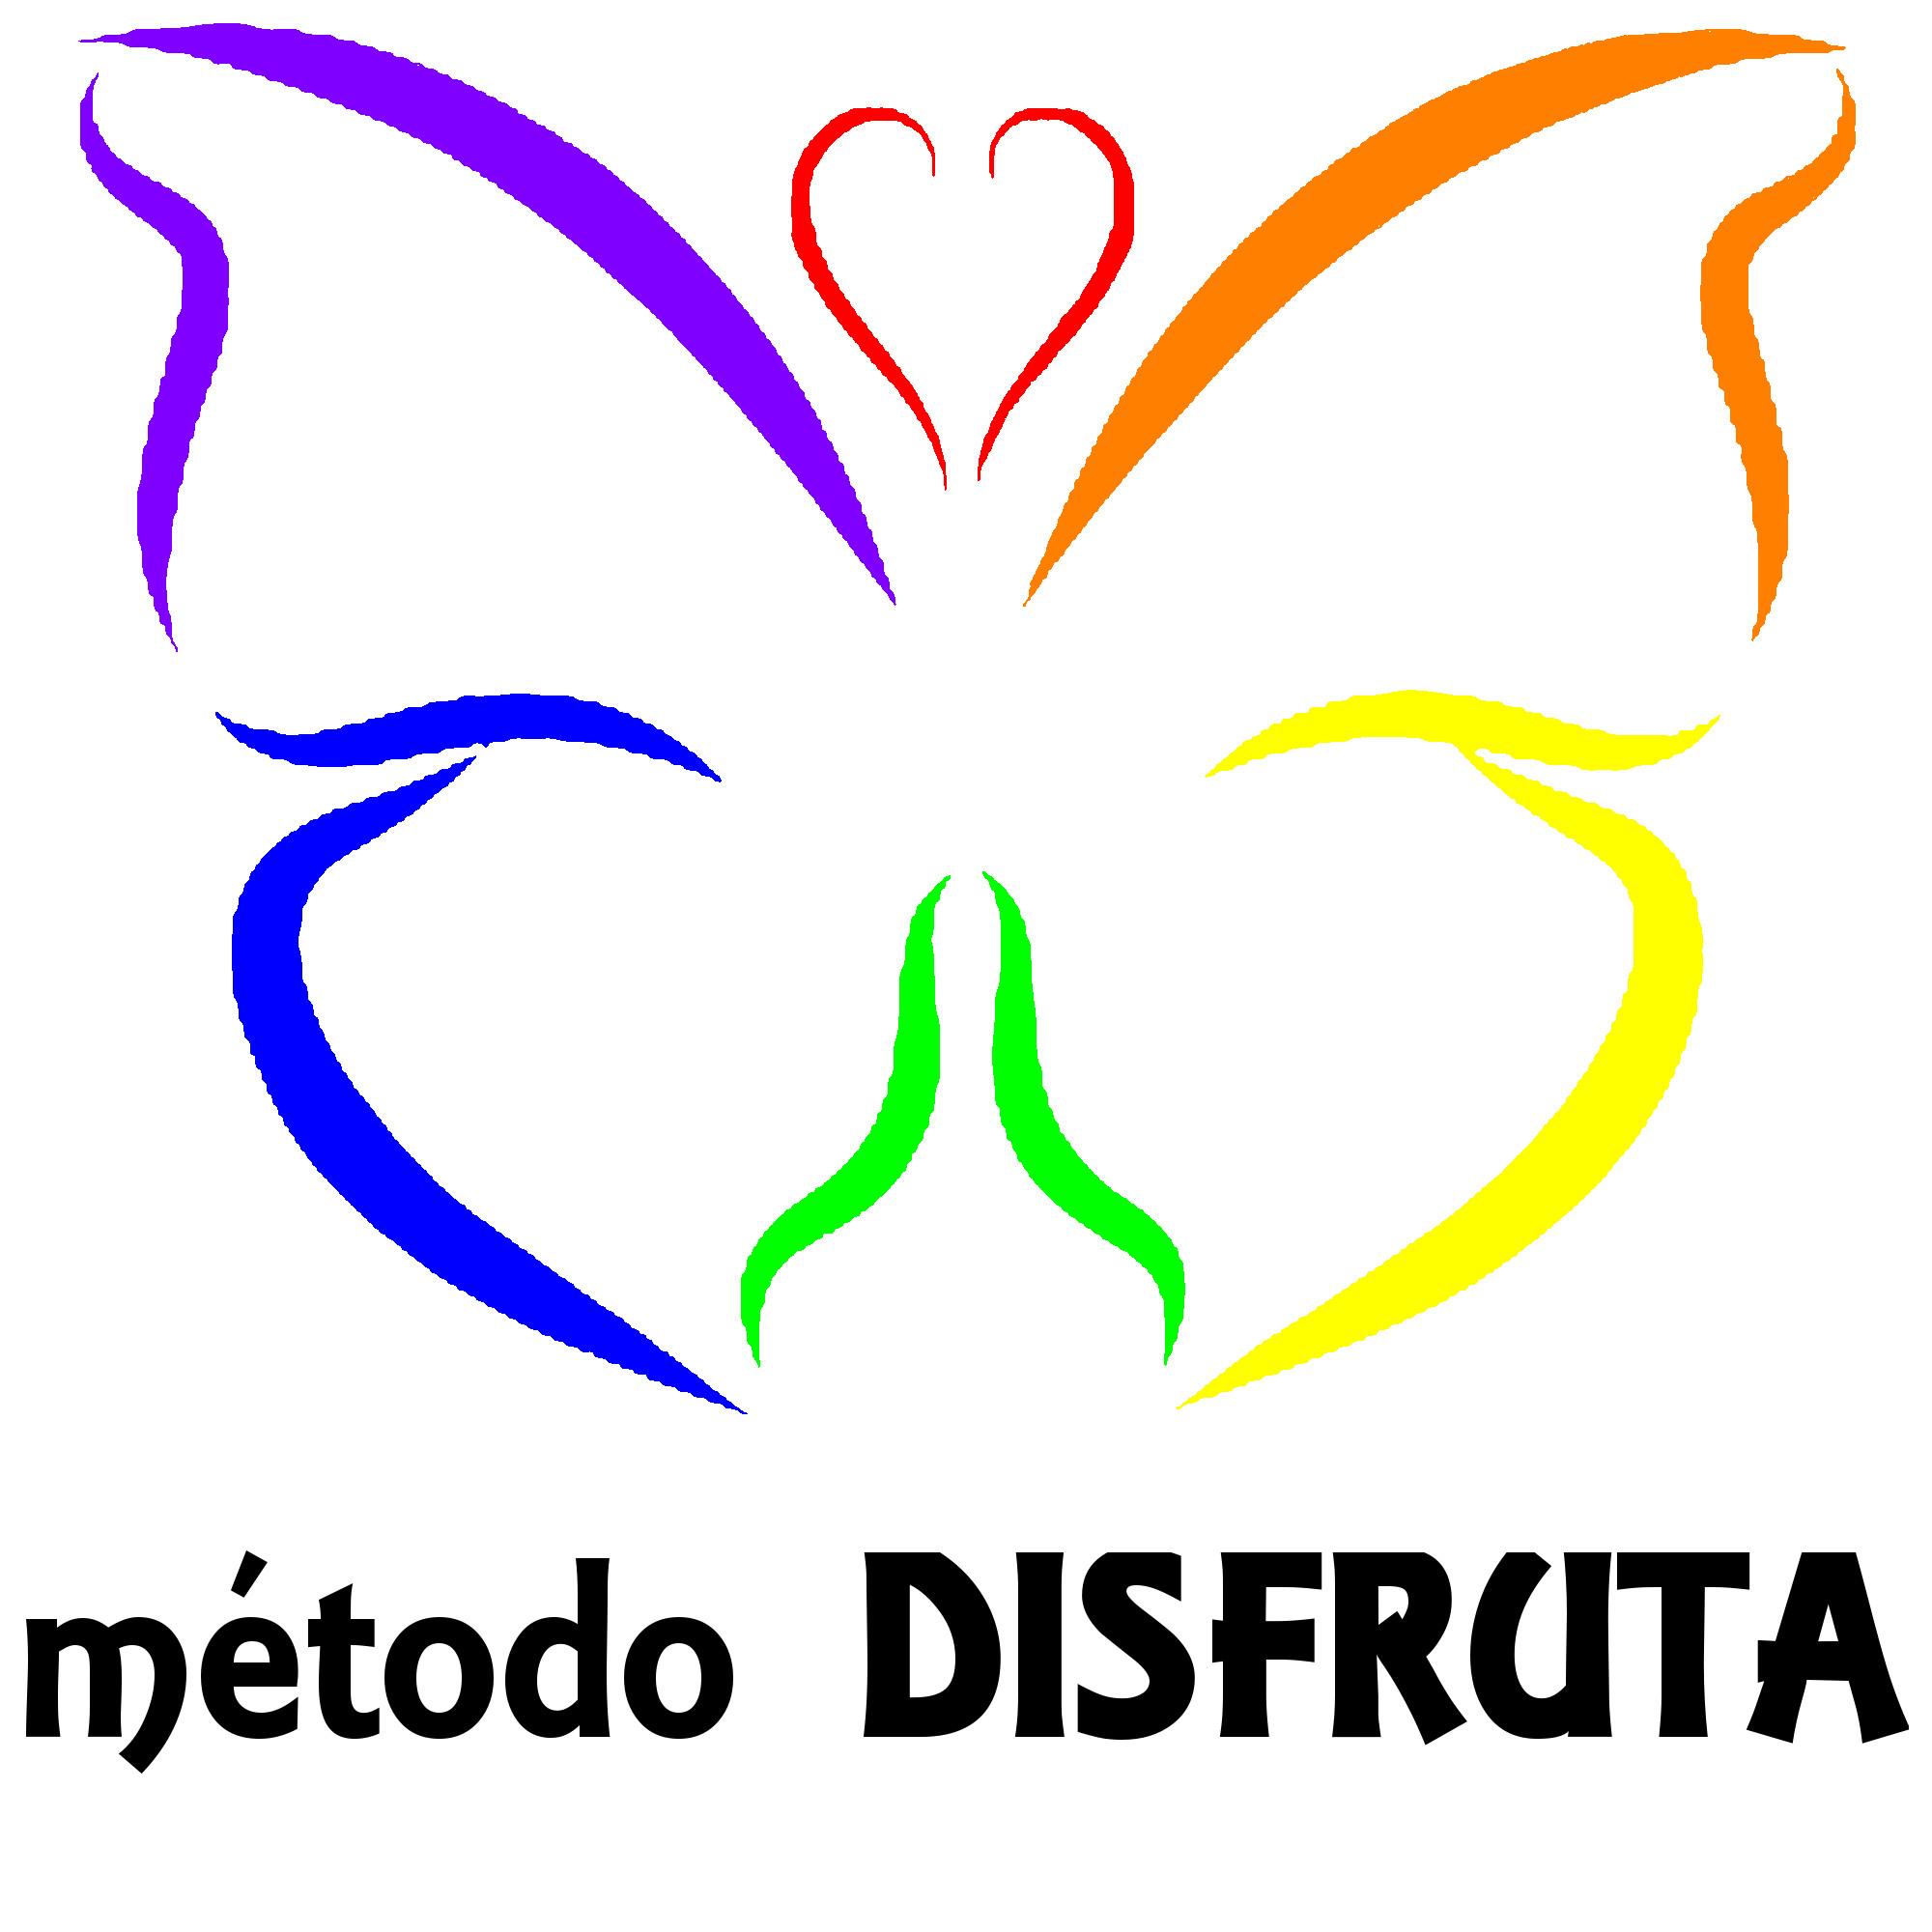 Metodo DISFRUTA